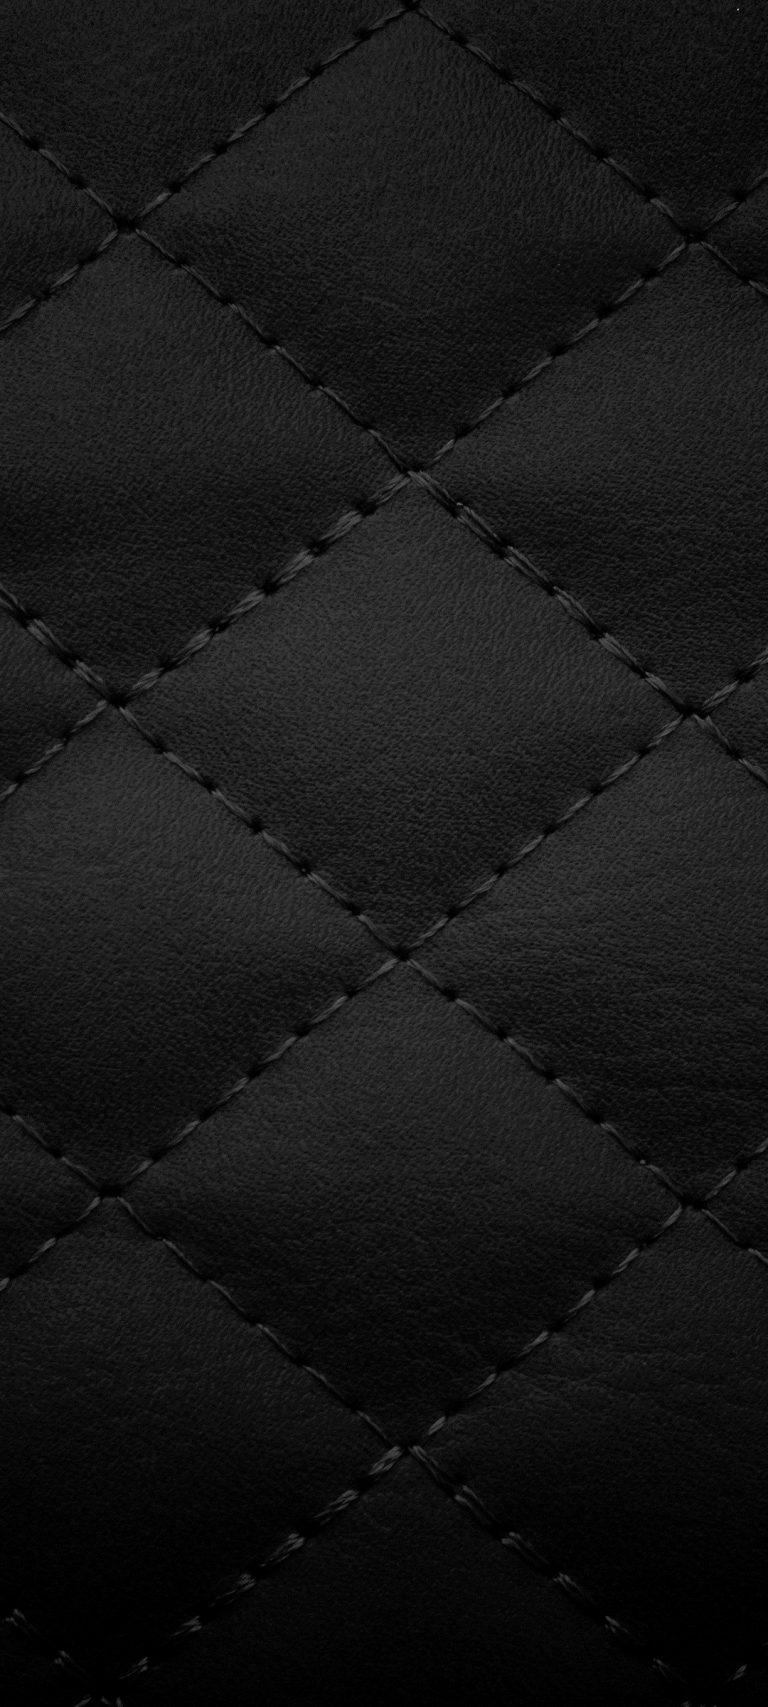 1080x2400 Hd Wallpaper